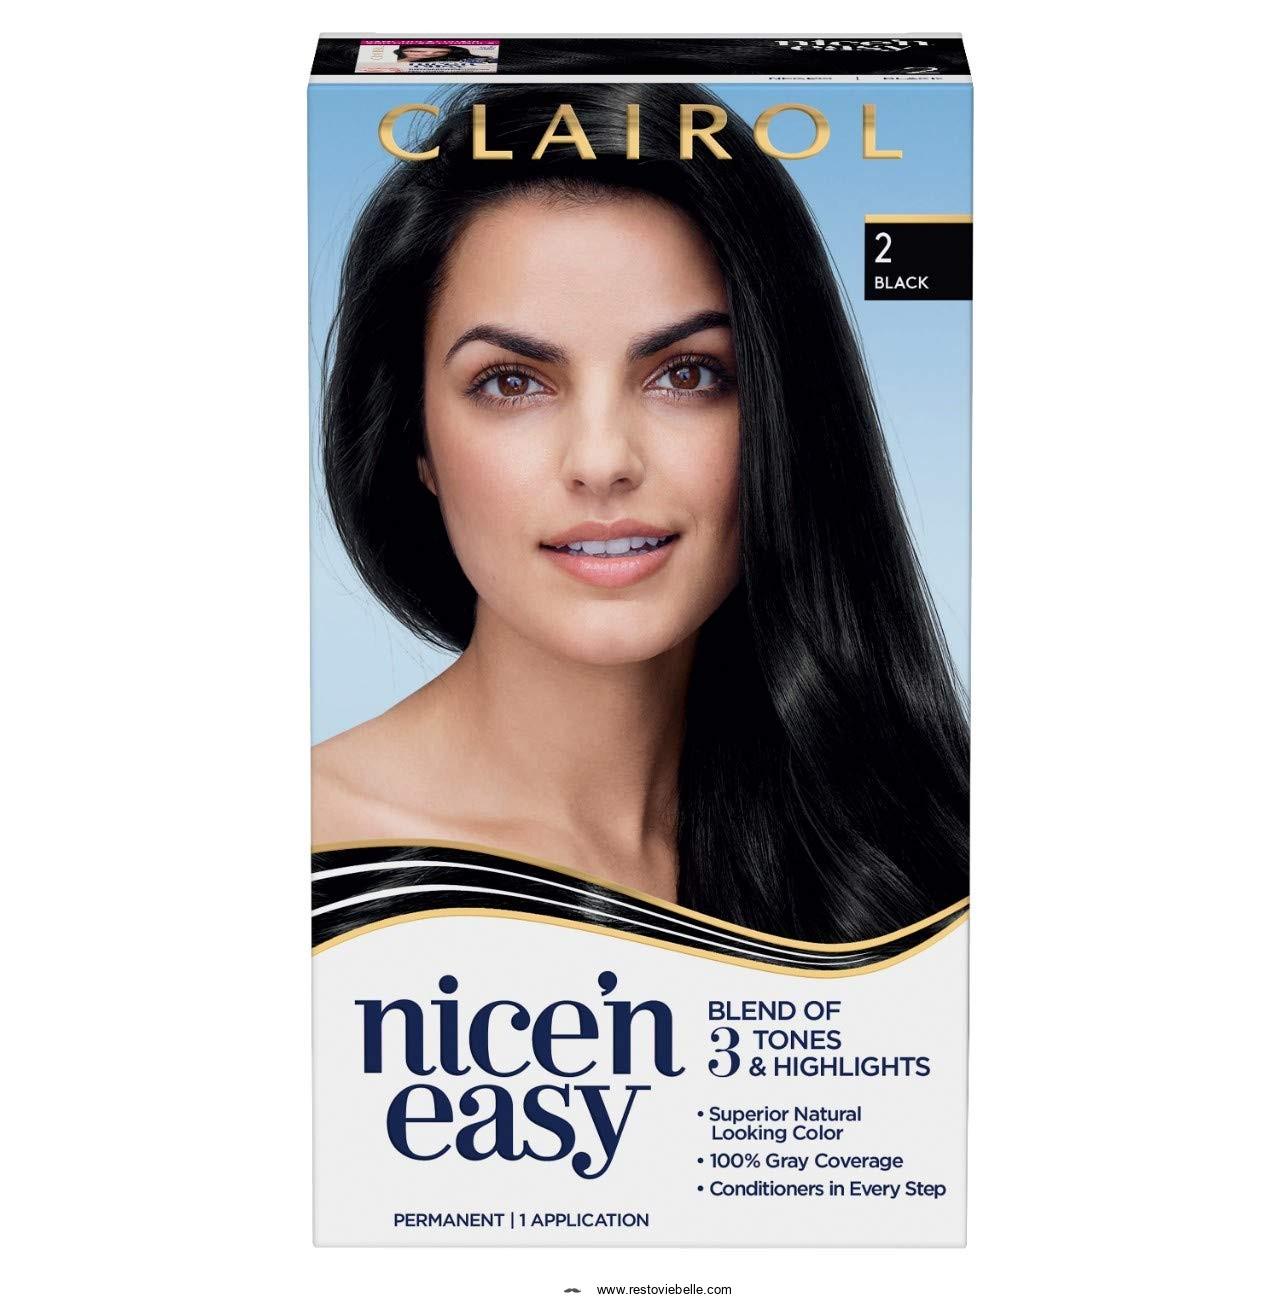 Clairol Nice'n Easy Permanent Hair